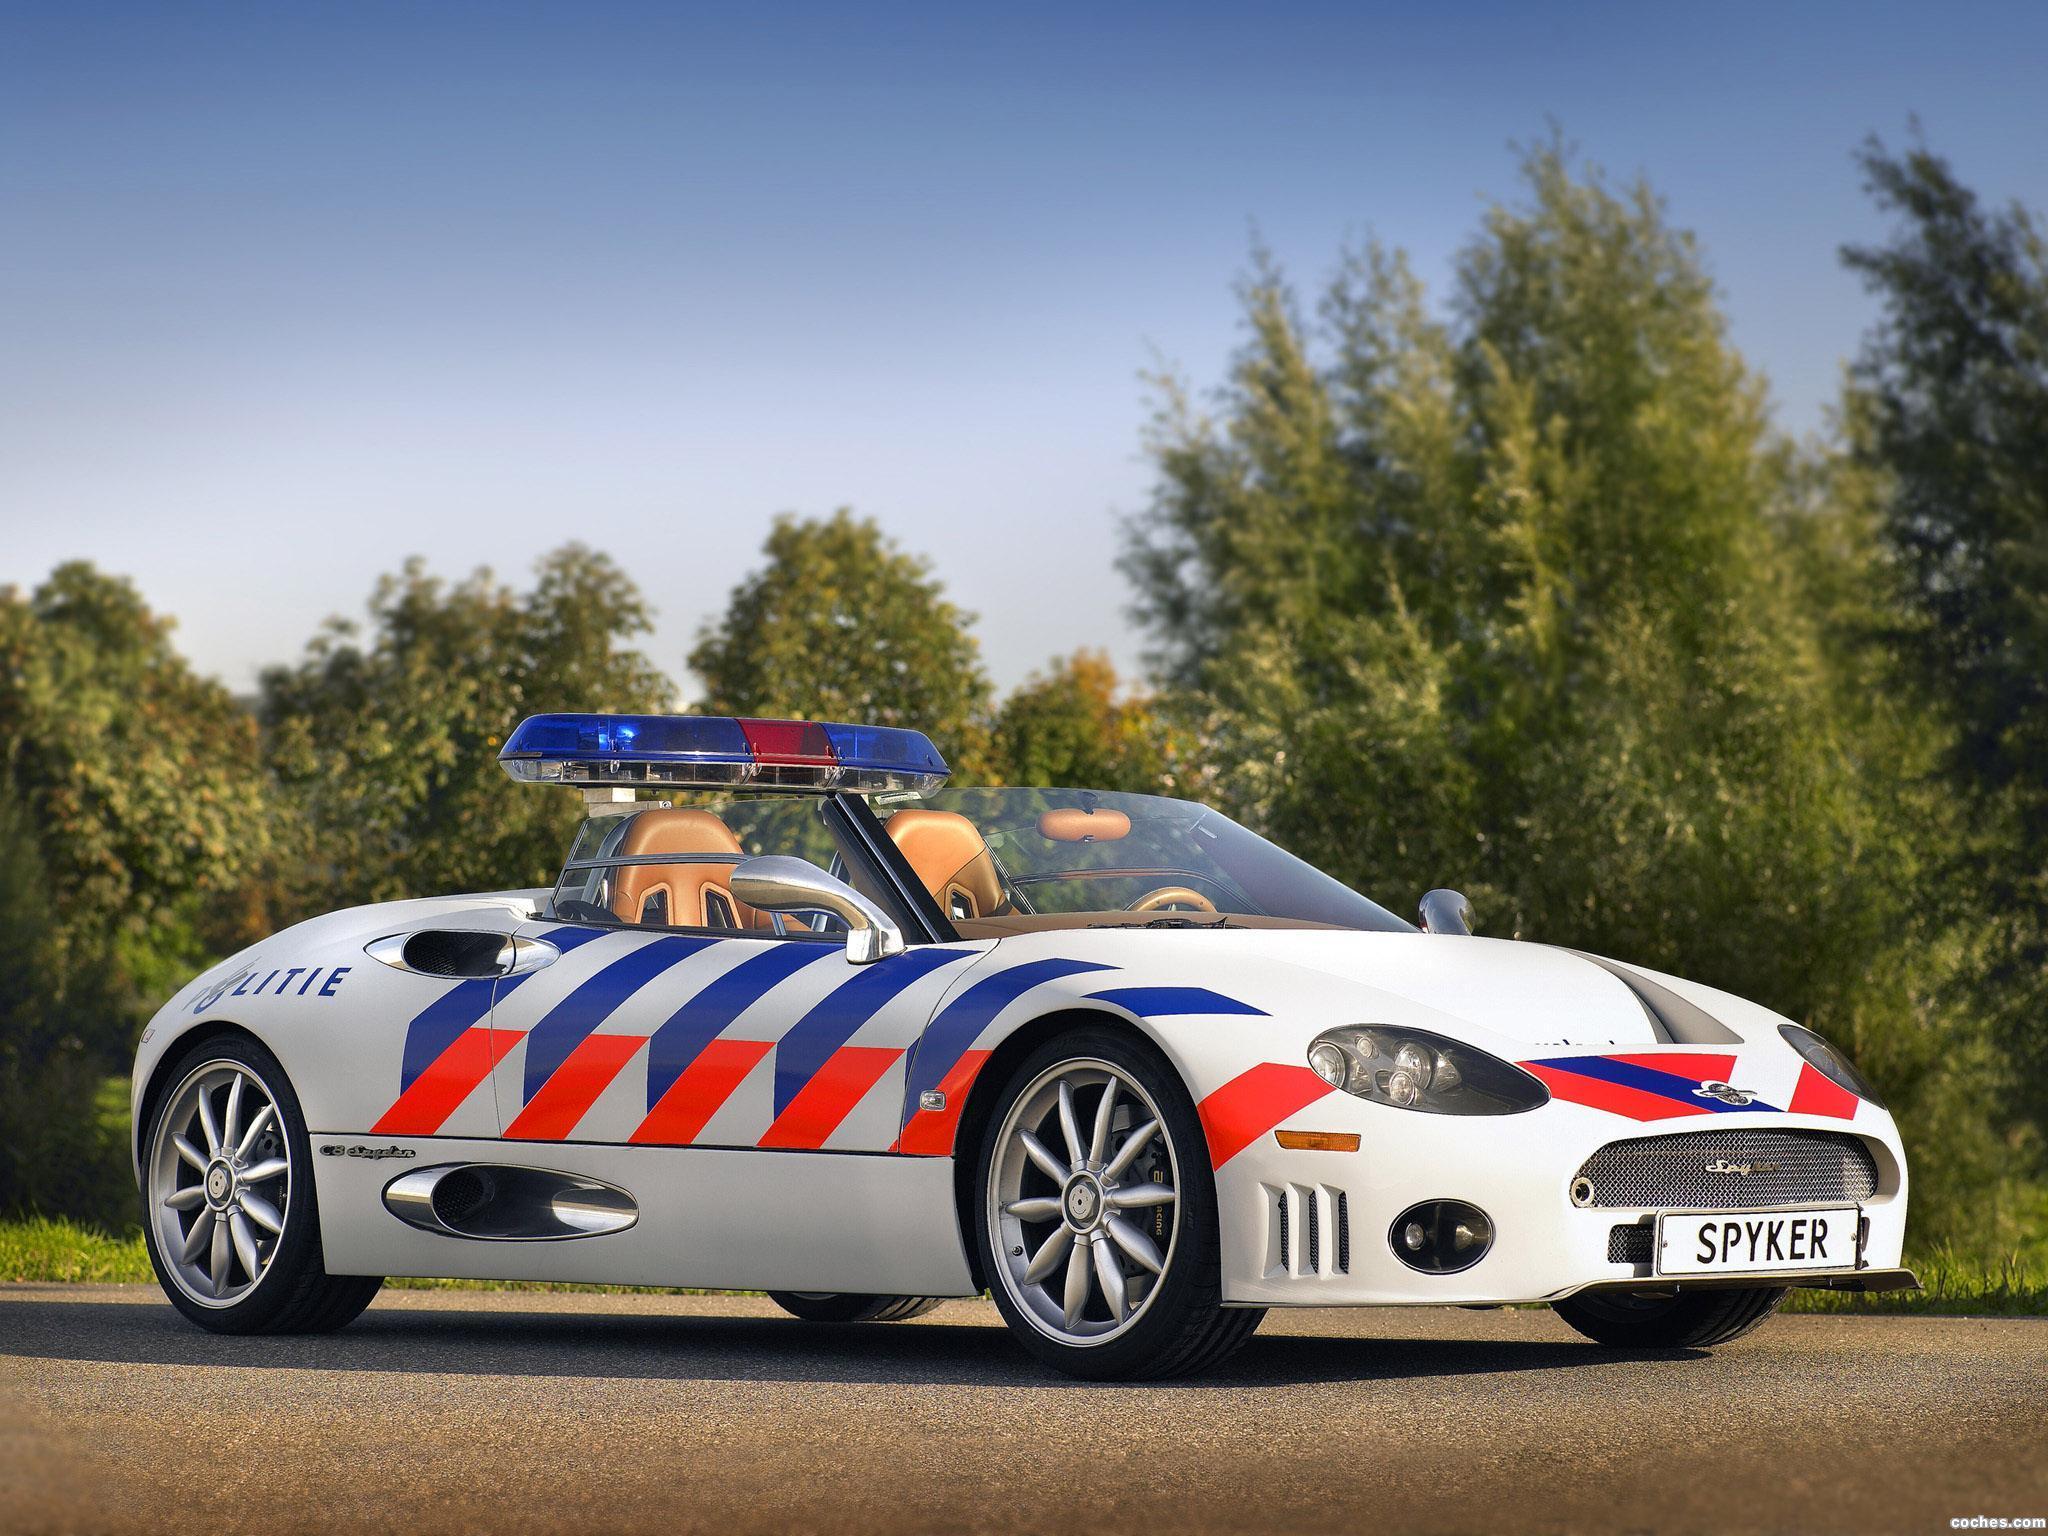 Spyker C8 Policía Police Coche Car